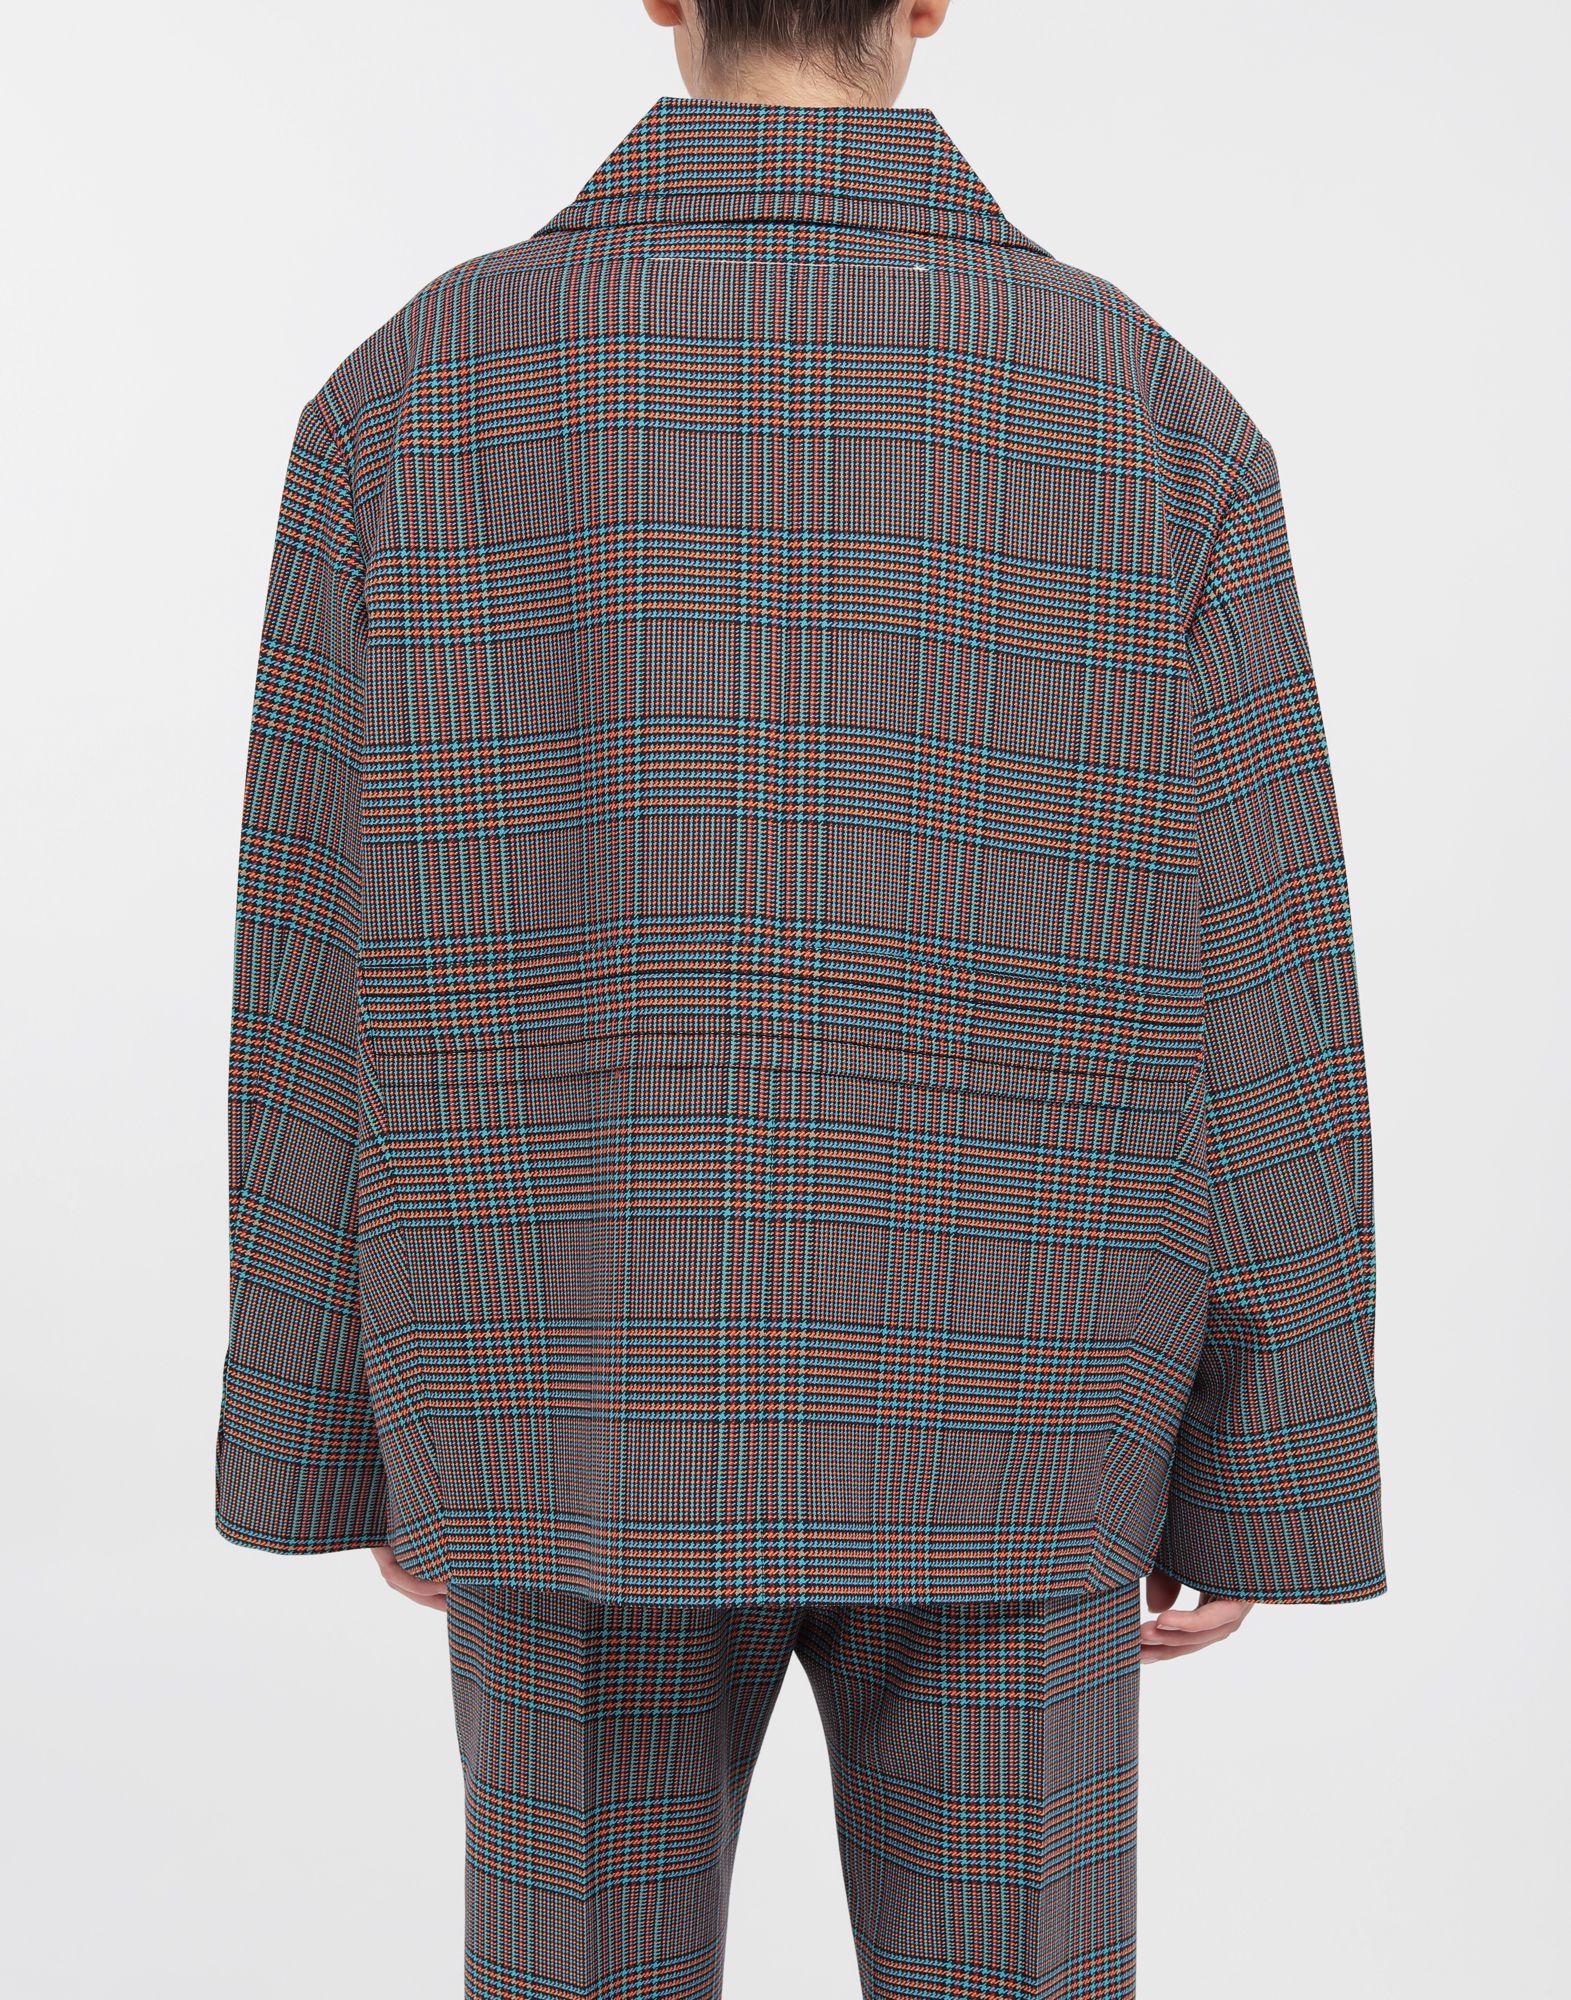 MM6 MAISON MARGIELA Oversized checked wool jacket Jacket Woman e